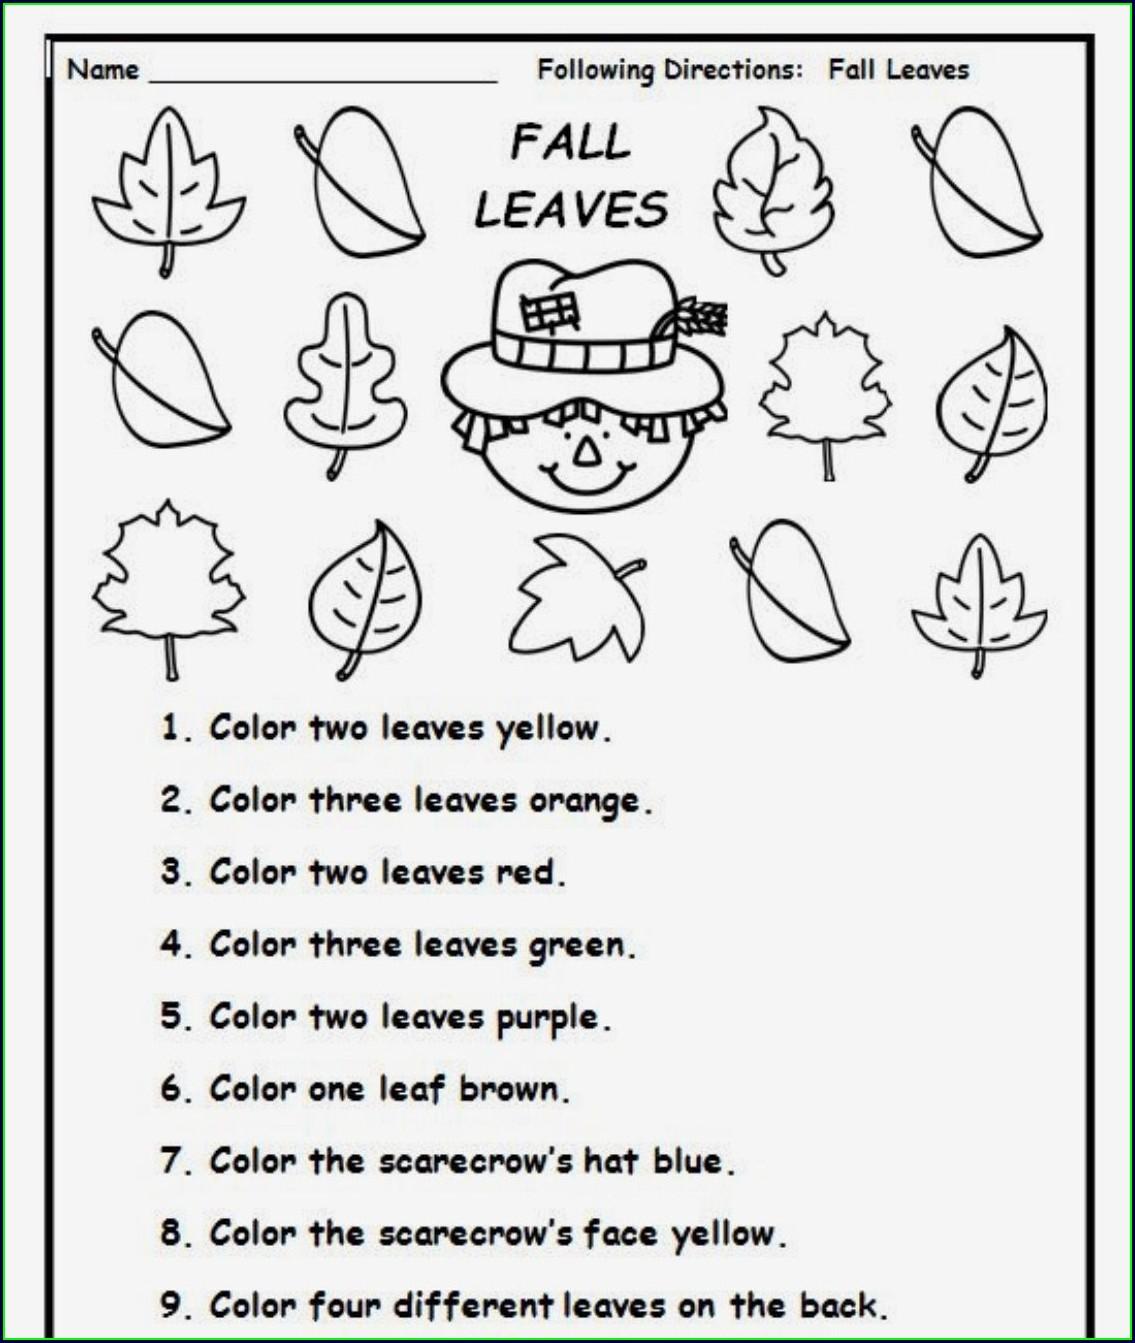 Soil Reading Comprehension Worksheet Pdf